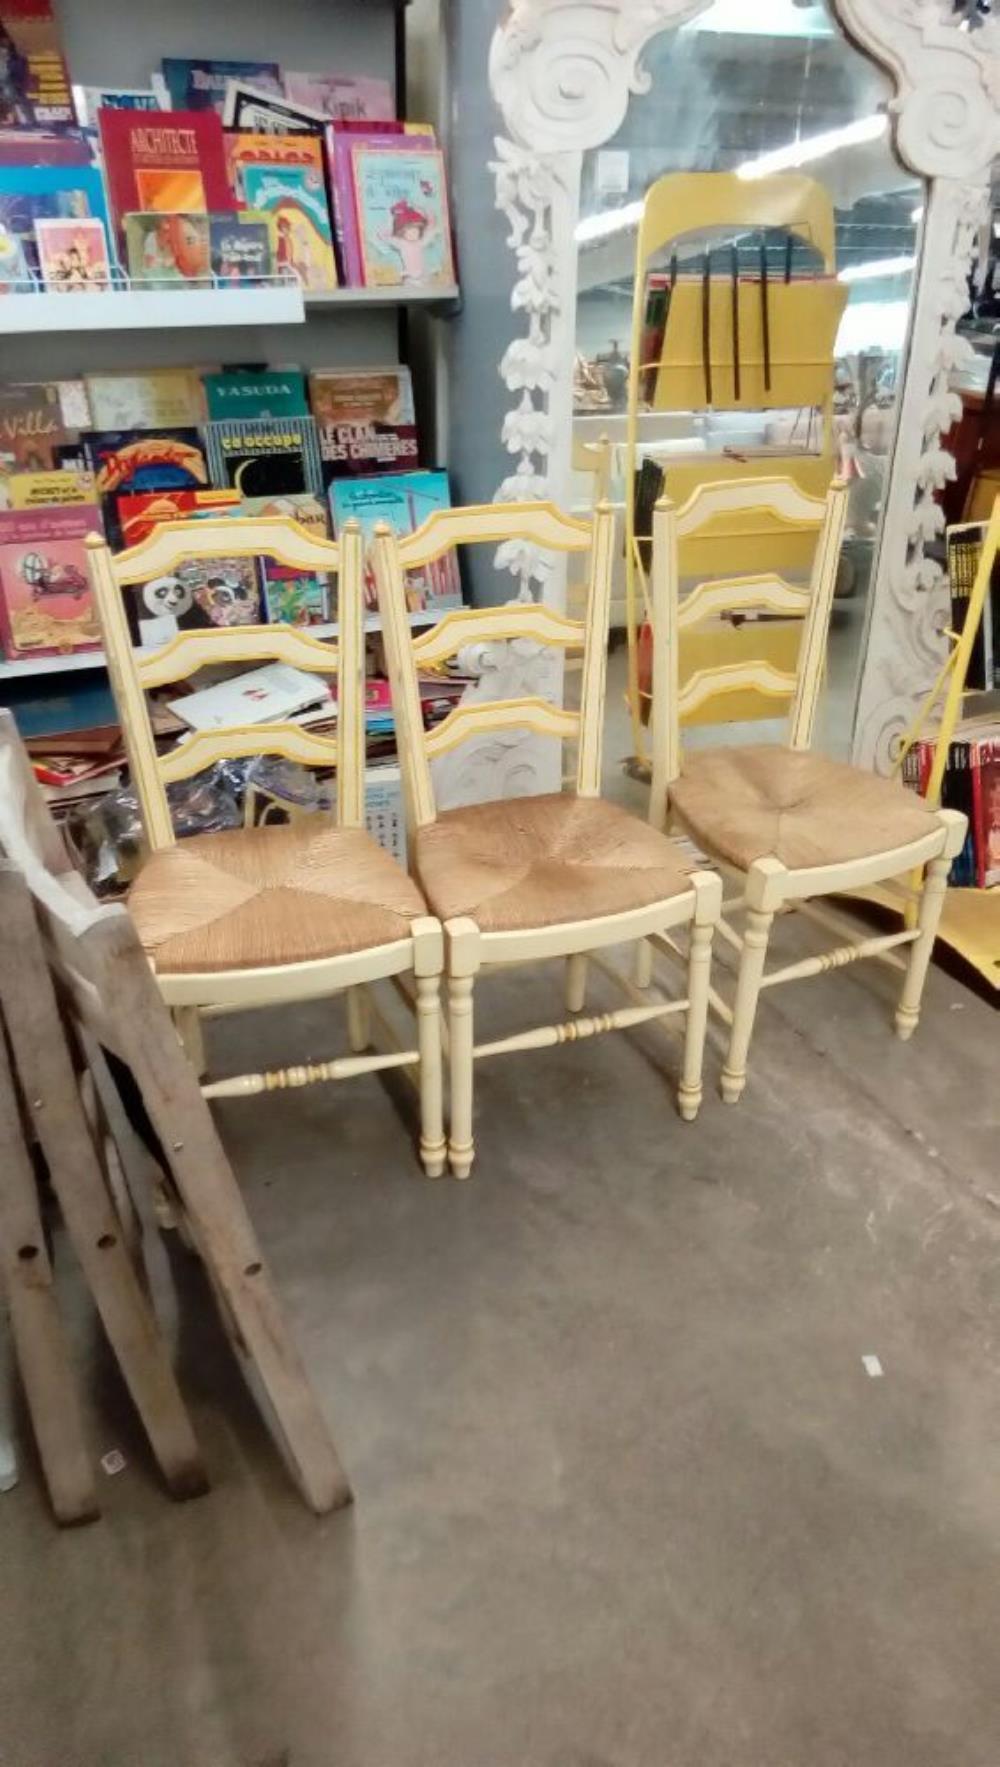 lot de 3 chaises occasion troc nancy. Black Bedroom Furniture Sets. Home Design Ideas